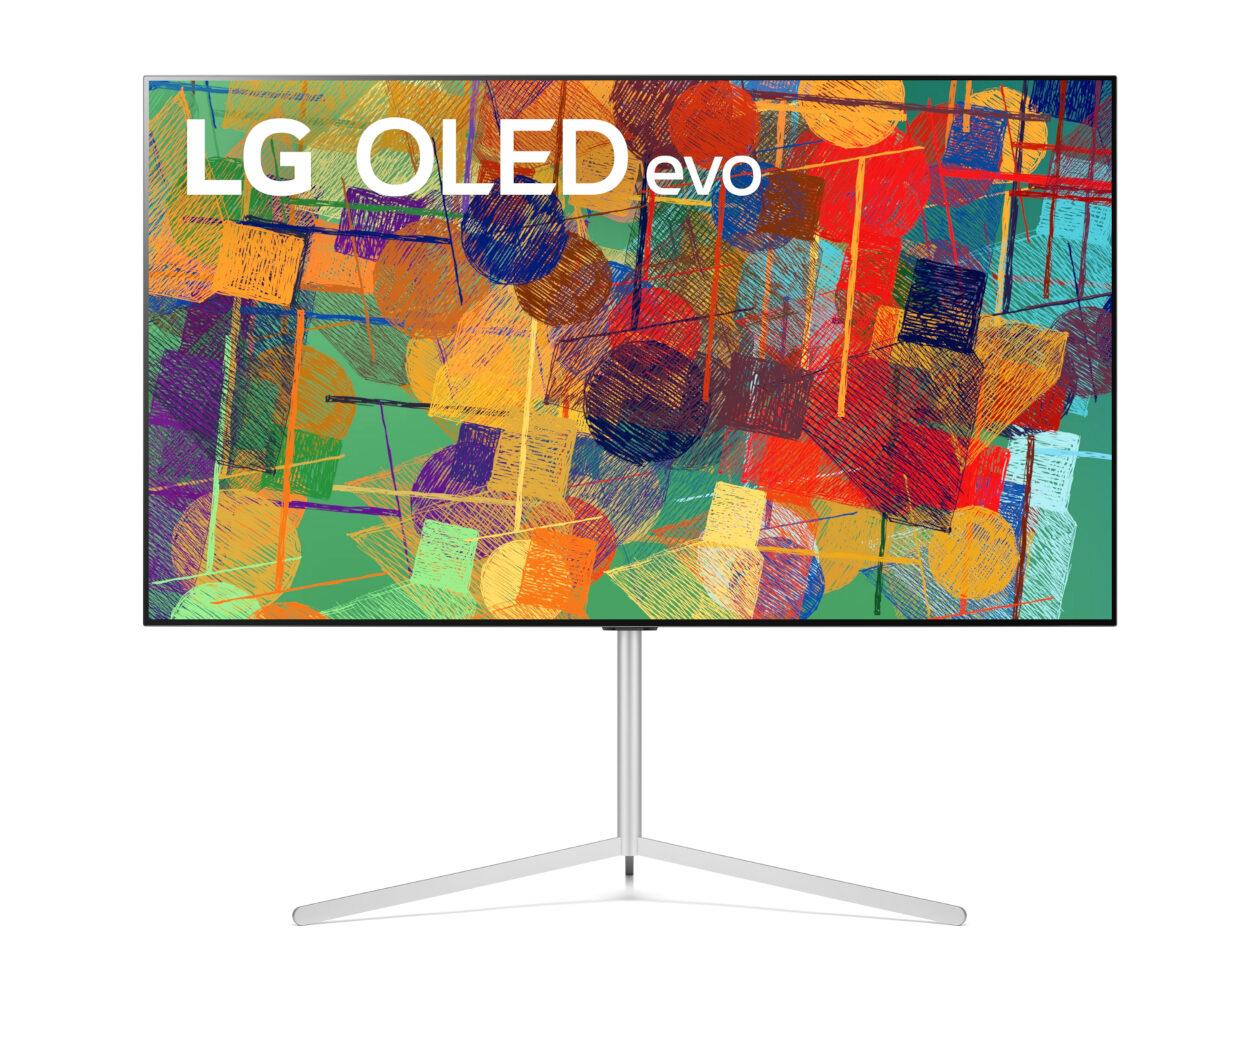 LG-OLED-evo-65-G1-Front-e1610329677101